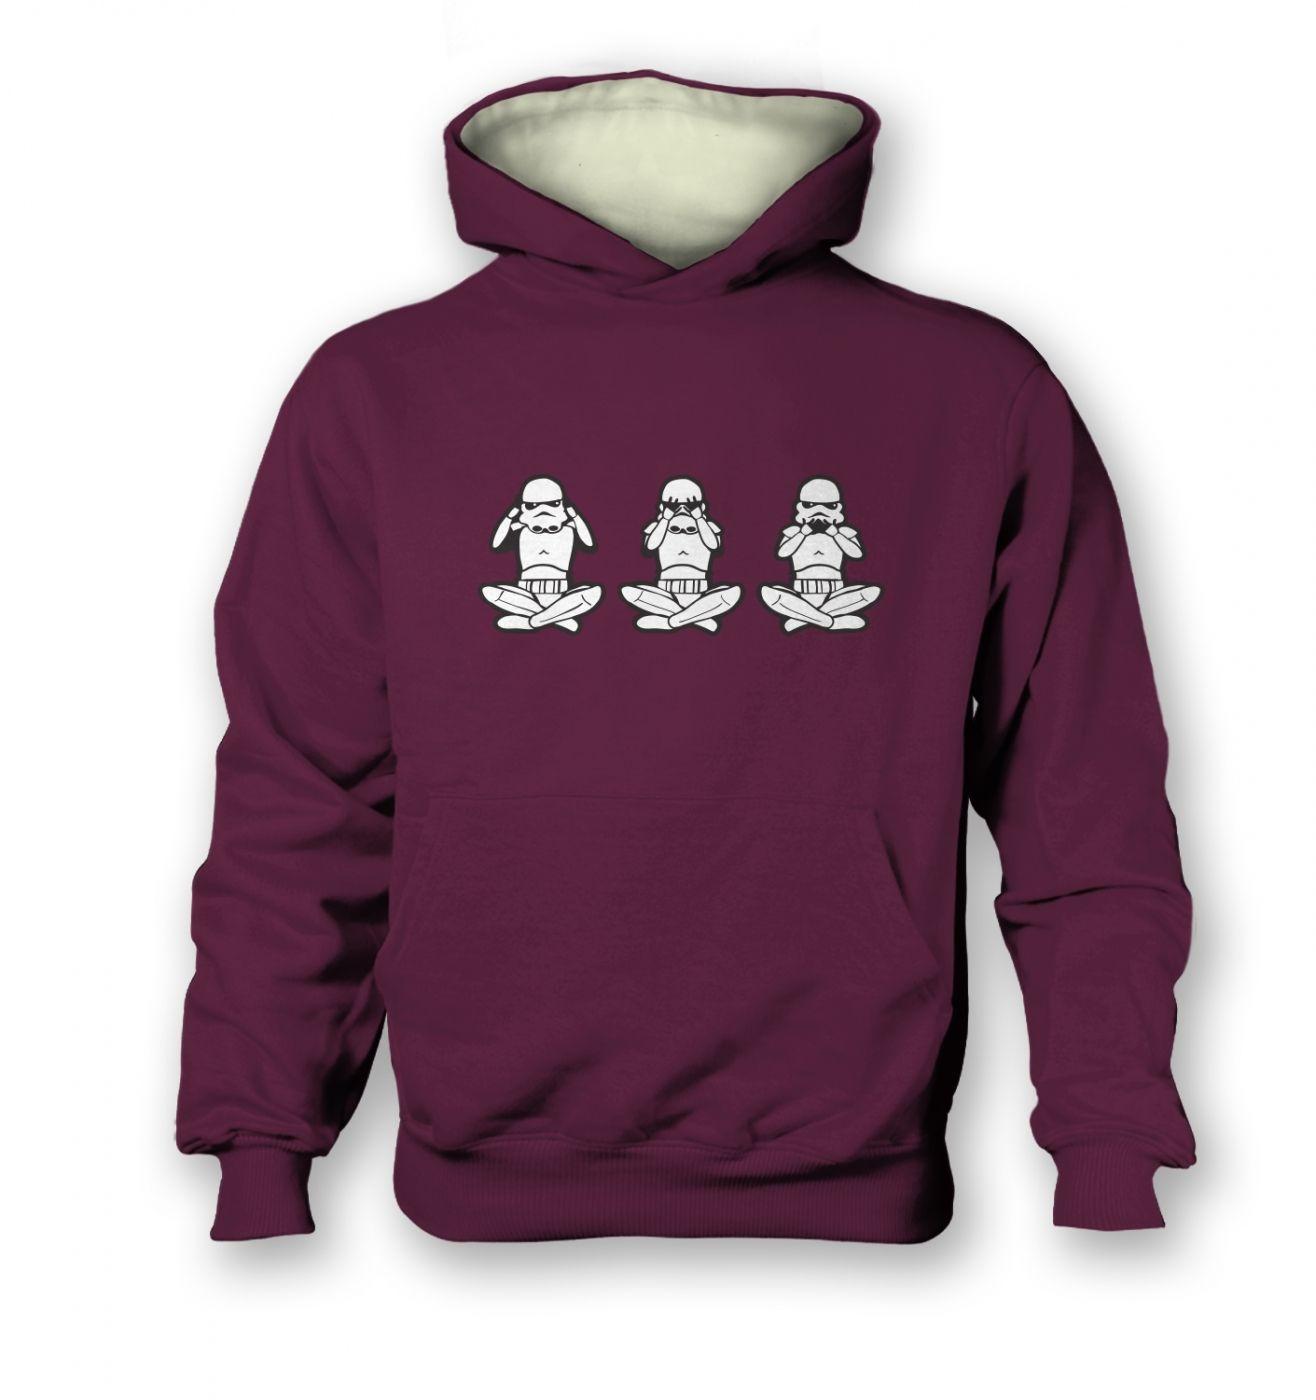 Three Wise Stormtroopers kid's contrast hoodie